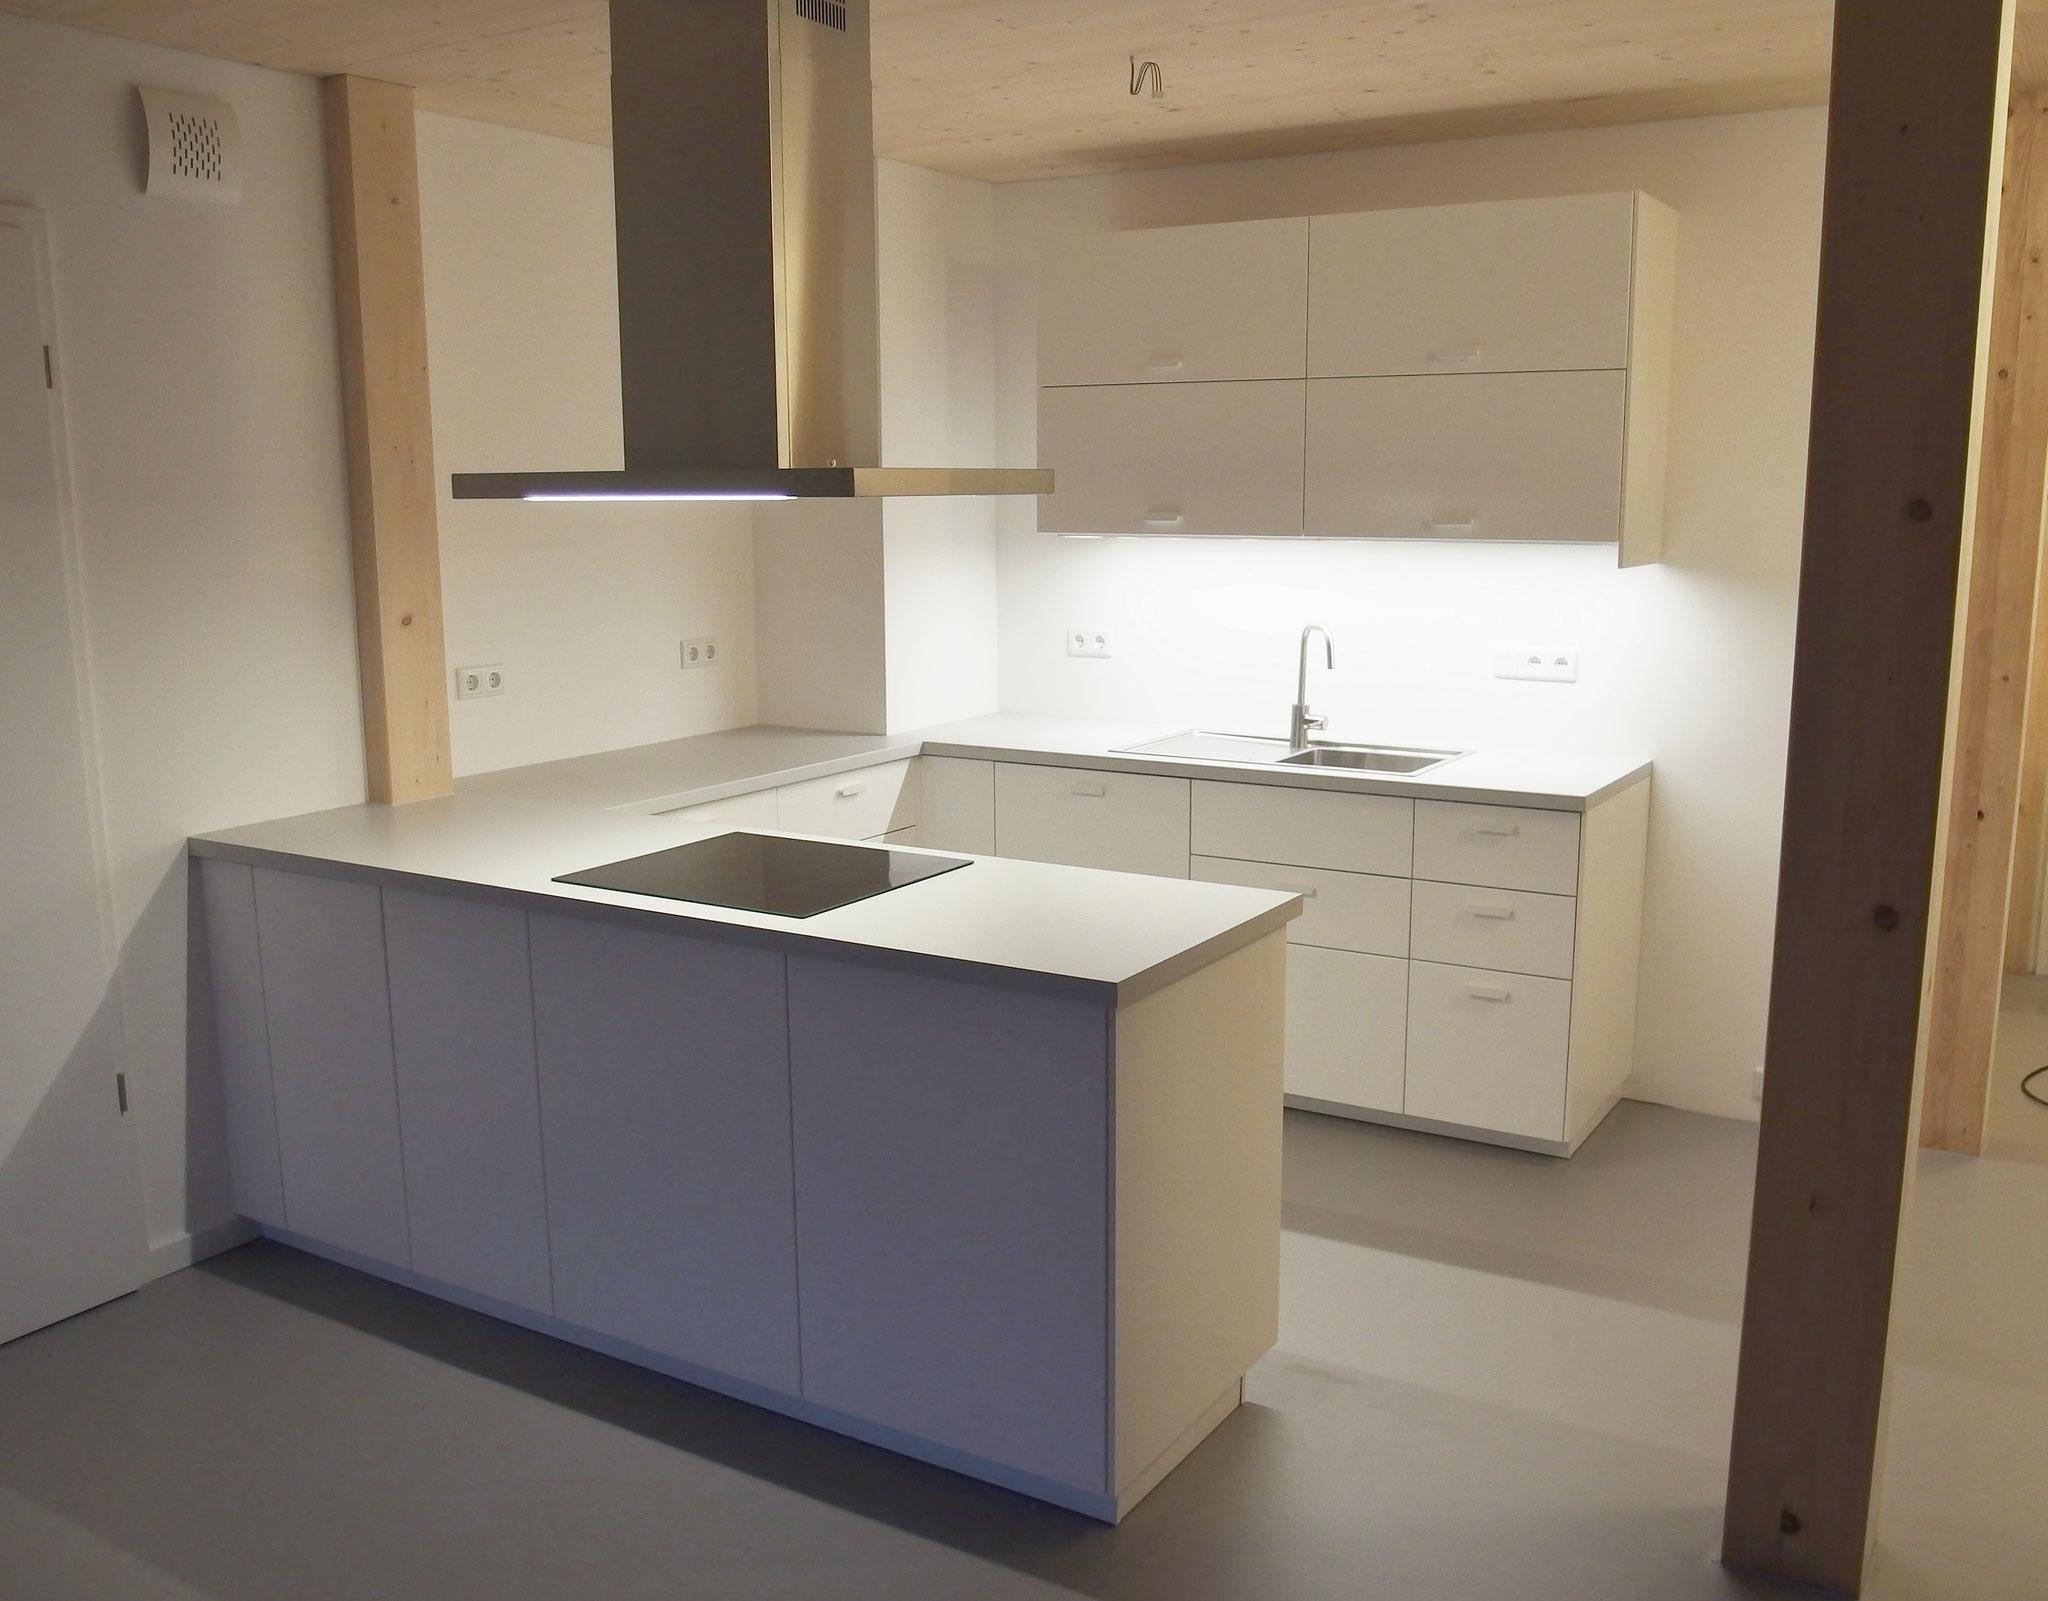 Ikea-Küche handwerklich ergänzt